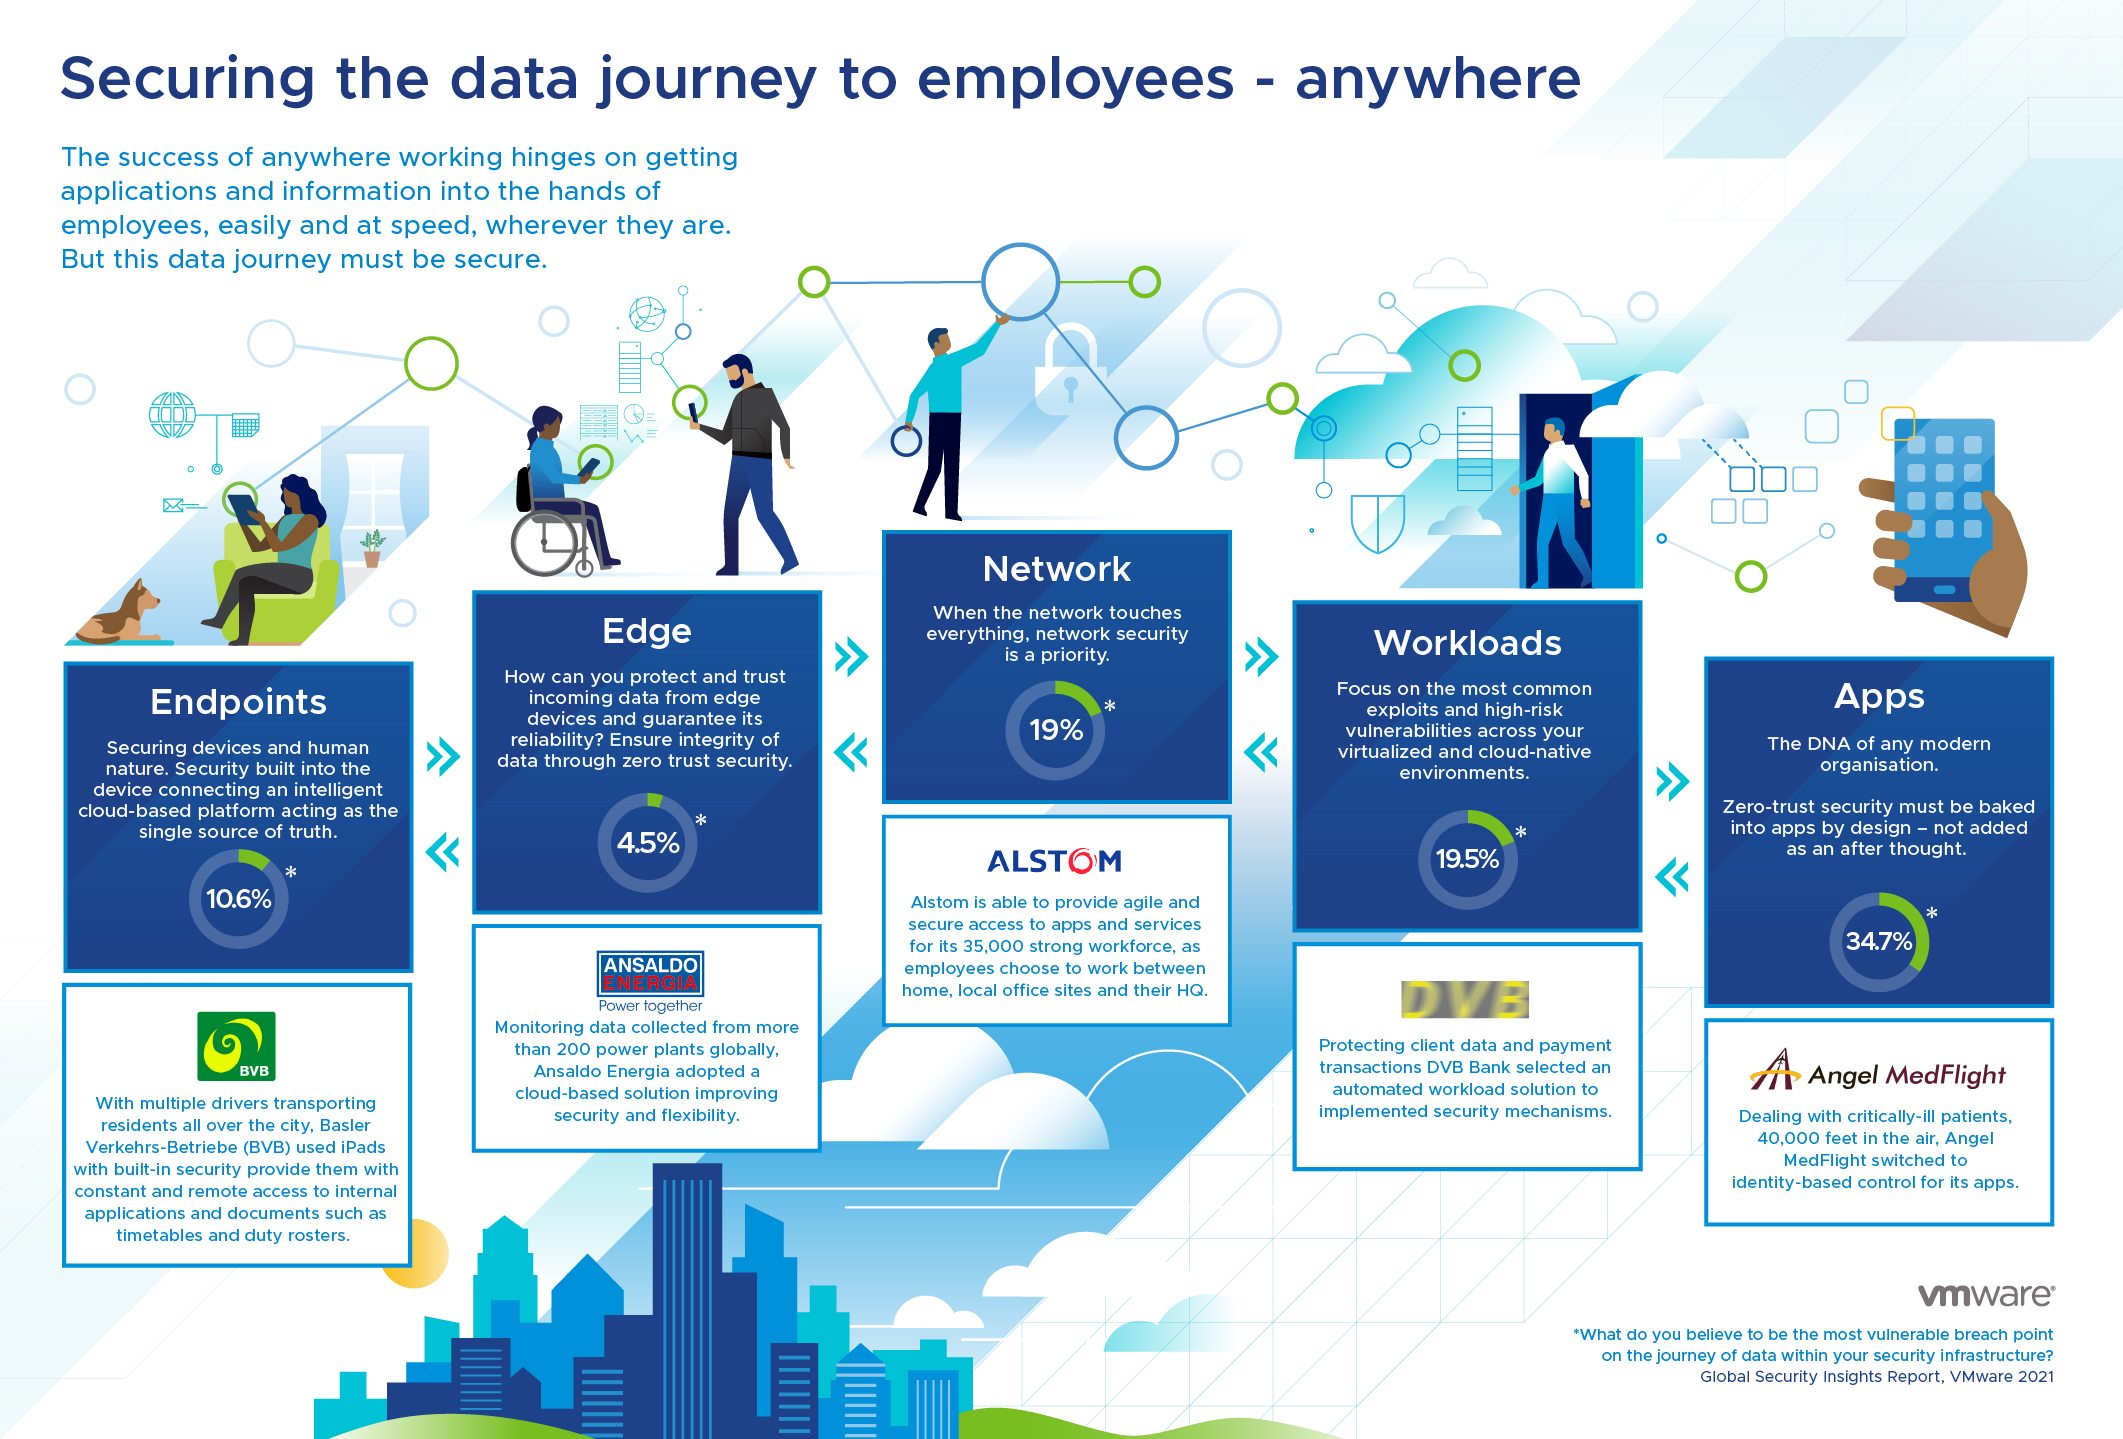 Proteggere il data journey dei dipendenti